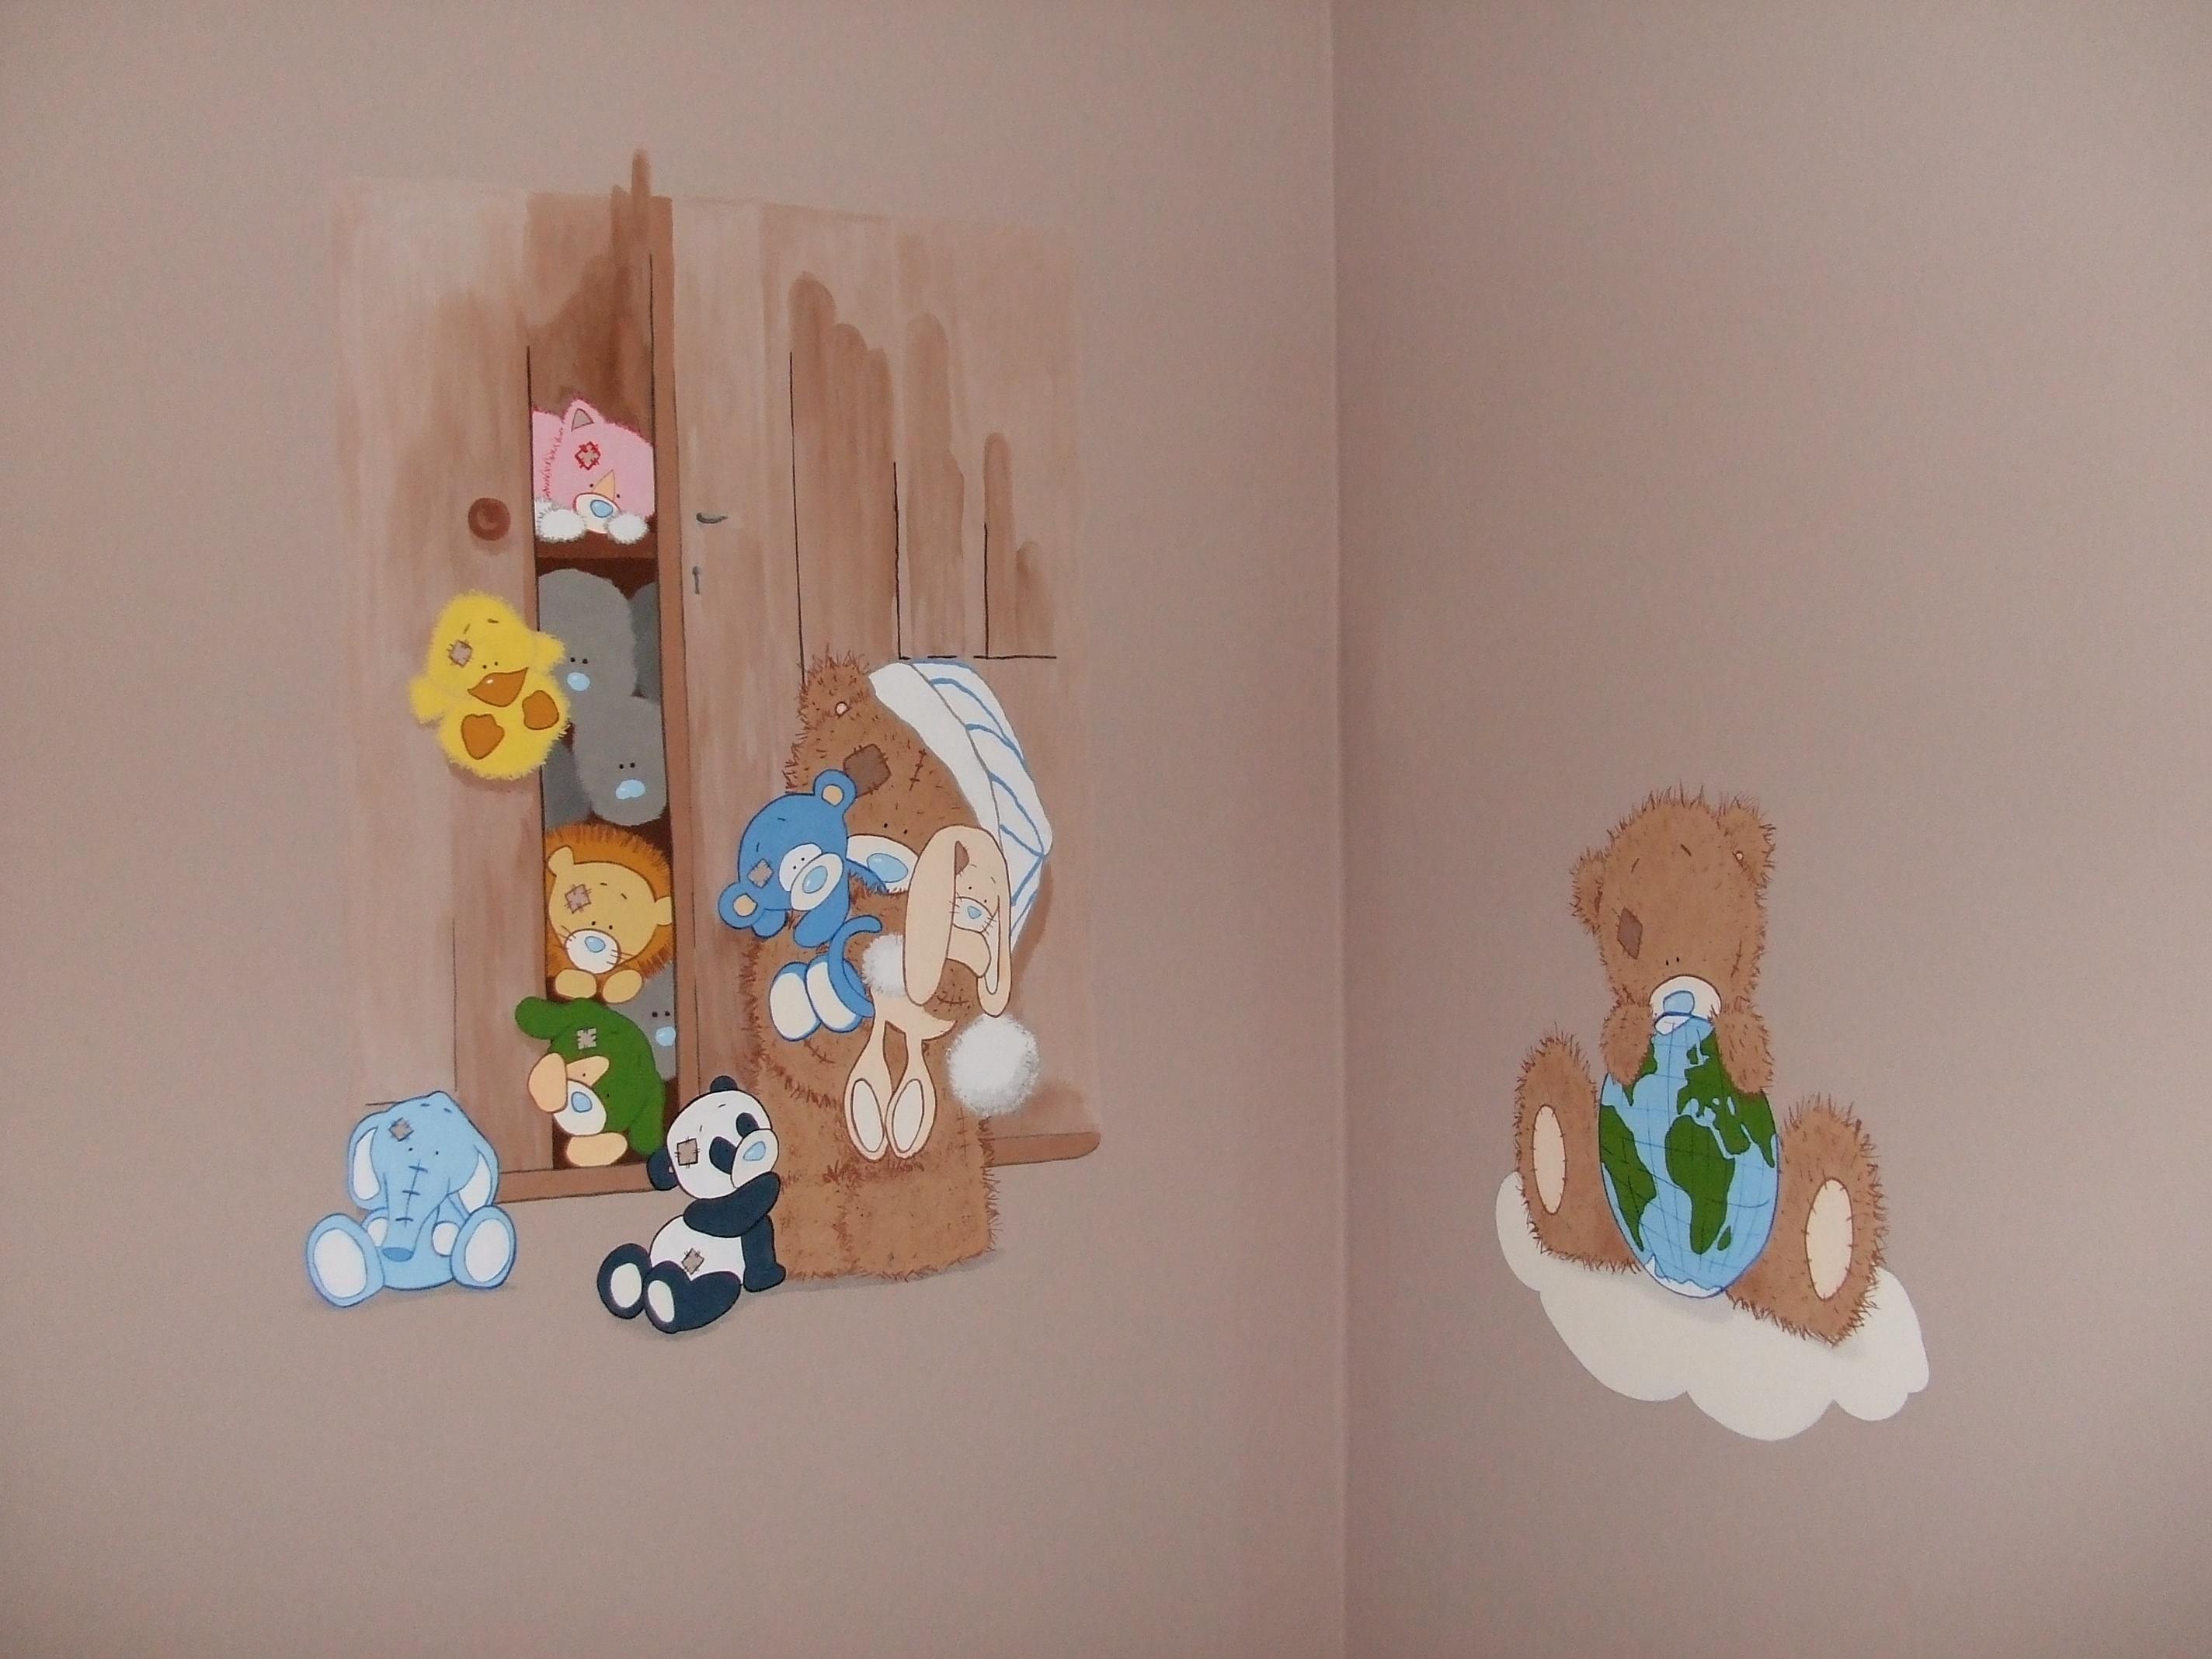 Fotoğraf Oyuncak Ayı Sanat çizim Illüstrasyon Duvar Boyama